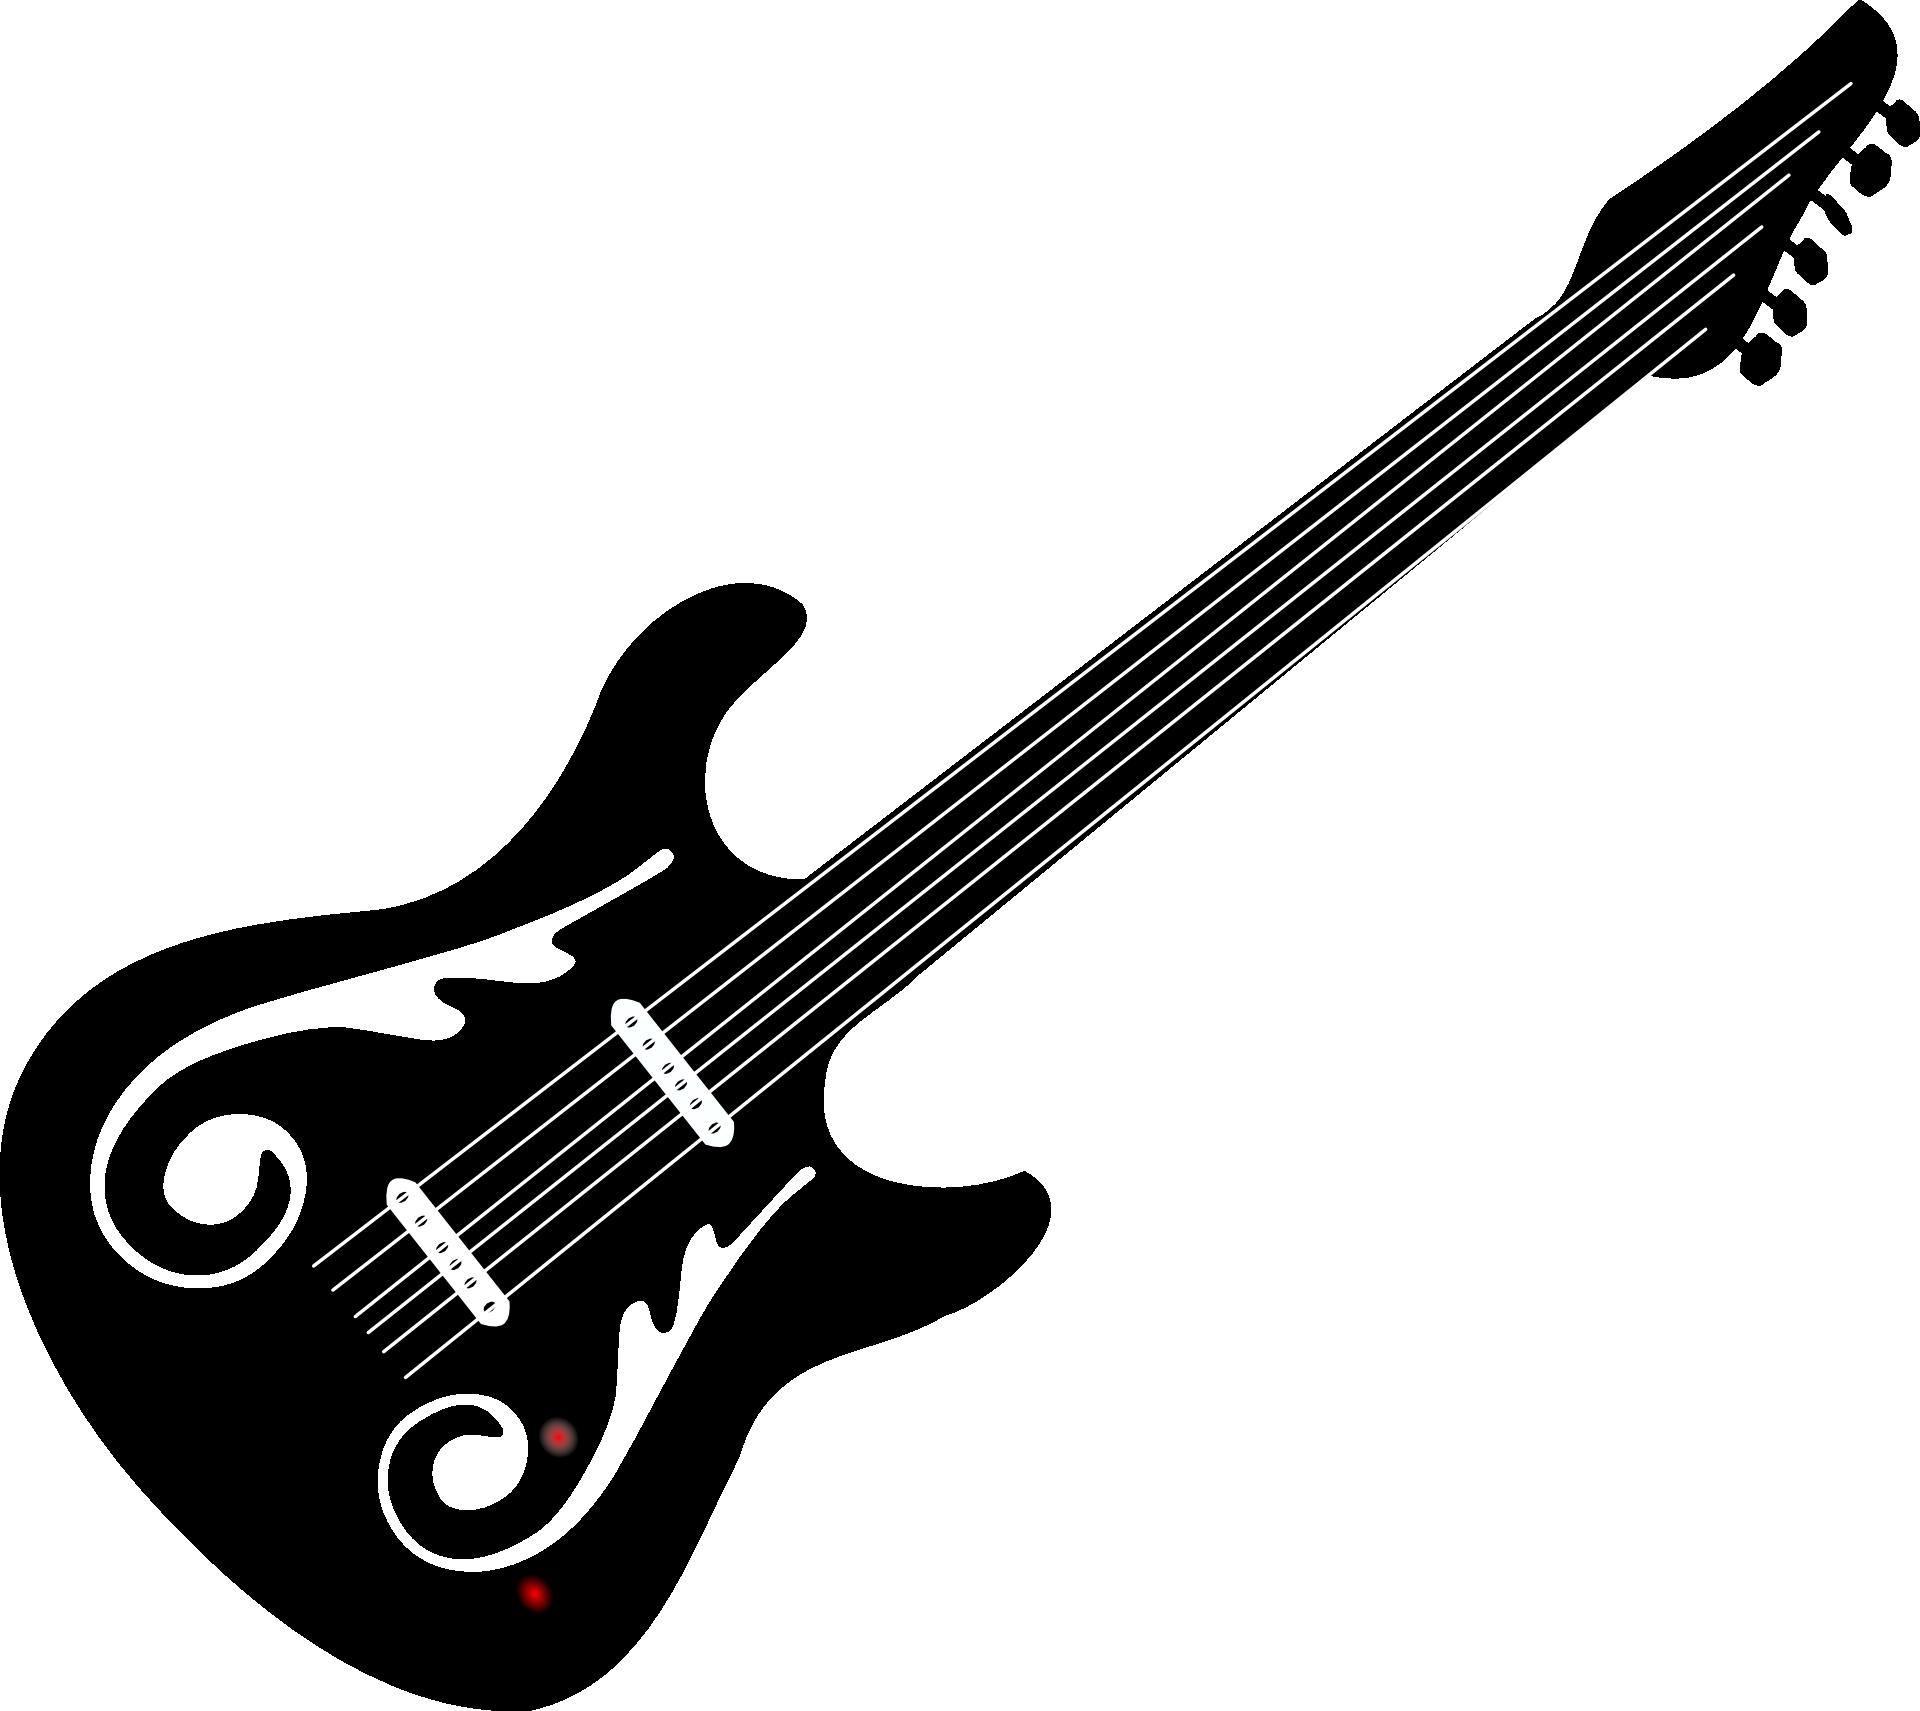 картинки из символов гитары данном случае